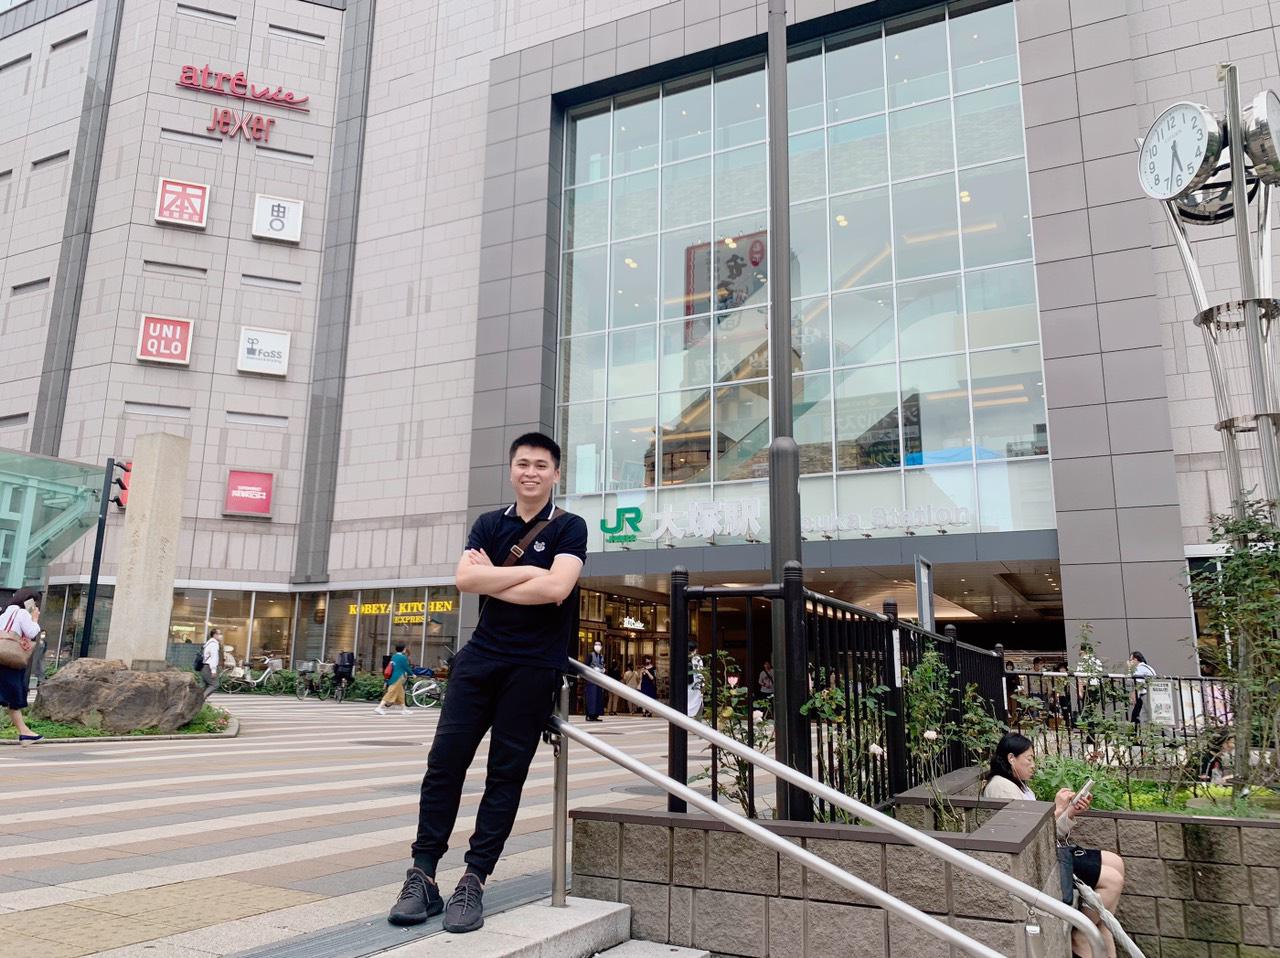 9x Việt khởi nghiệp thành công tại Nhật từ chiến lược kinh doanh điện thoại thông minh - Ảnh 2.